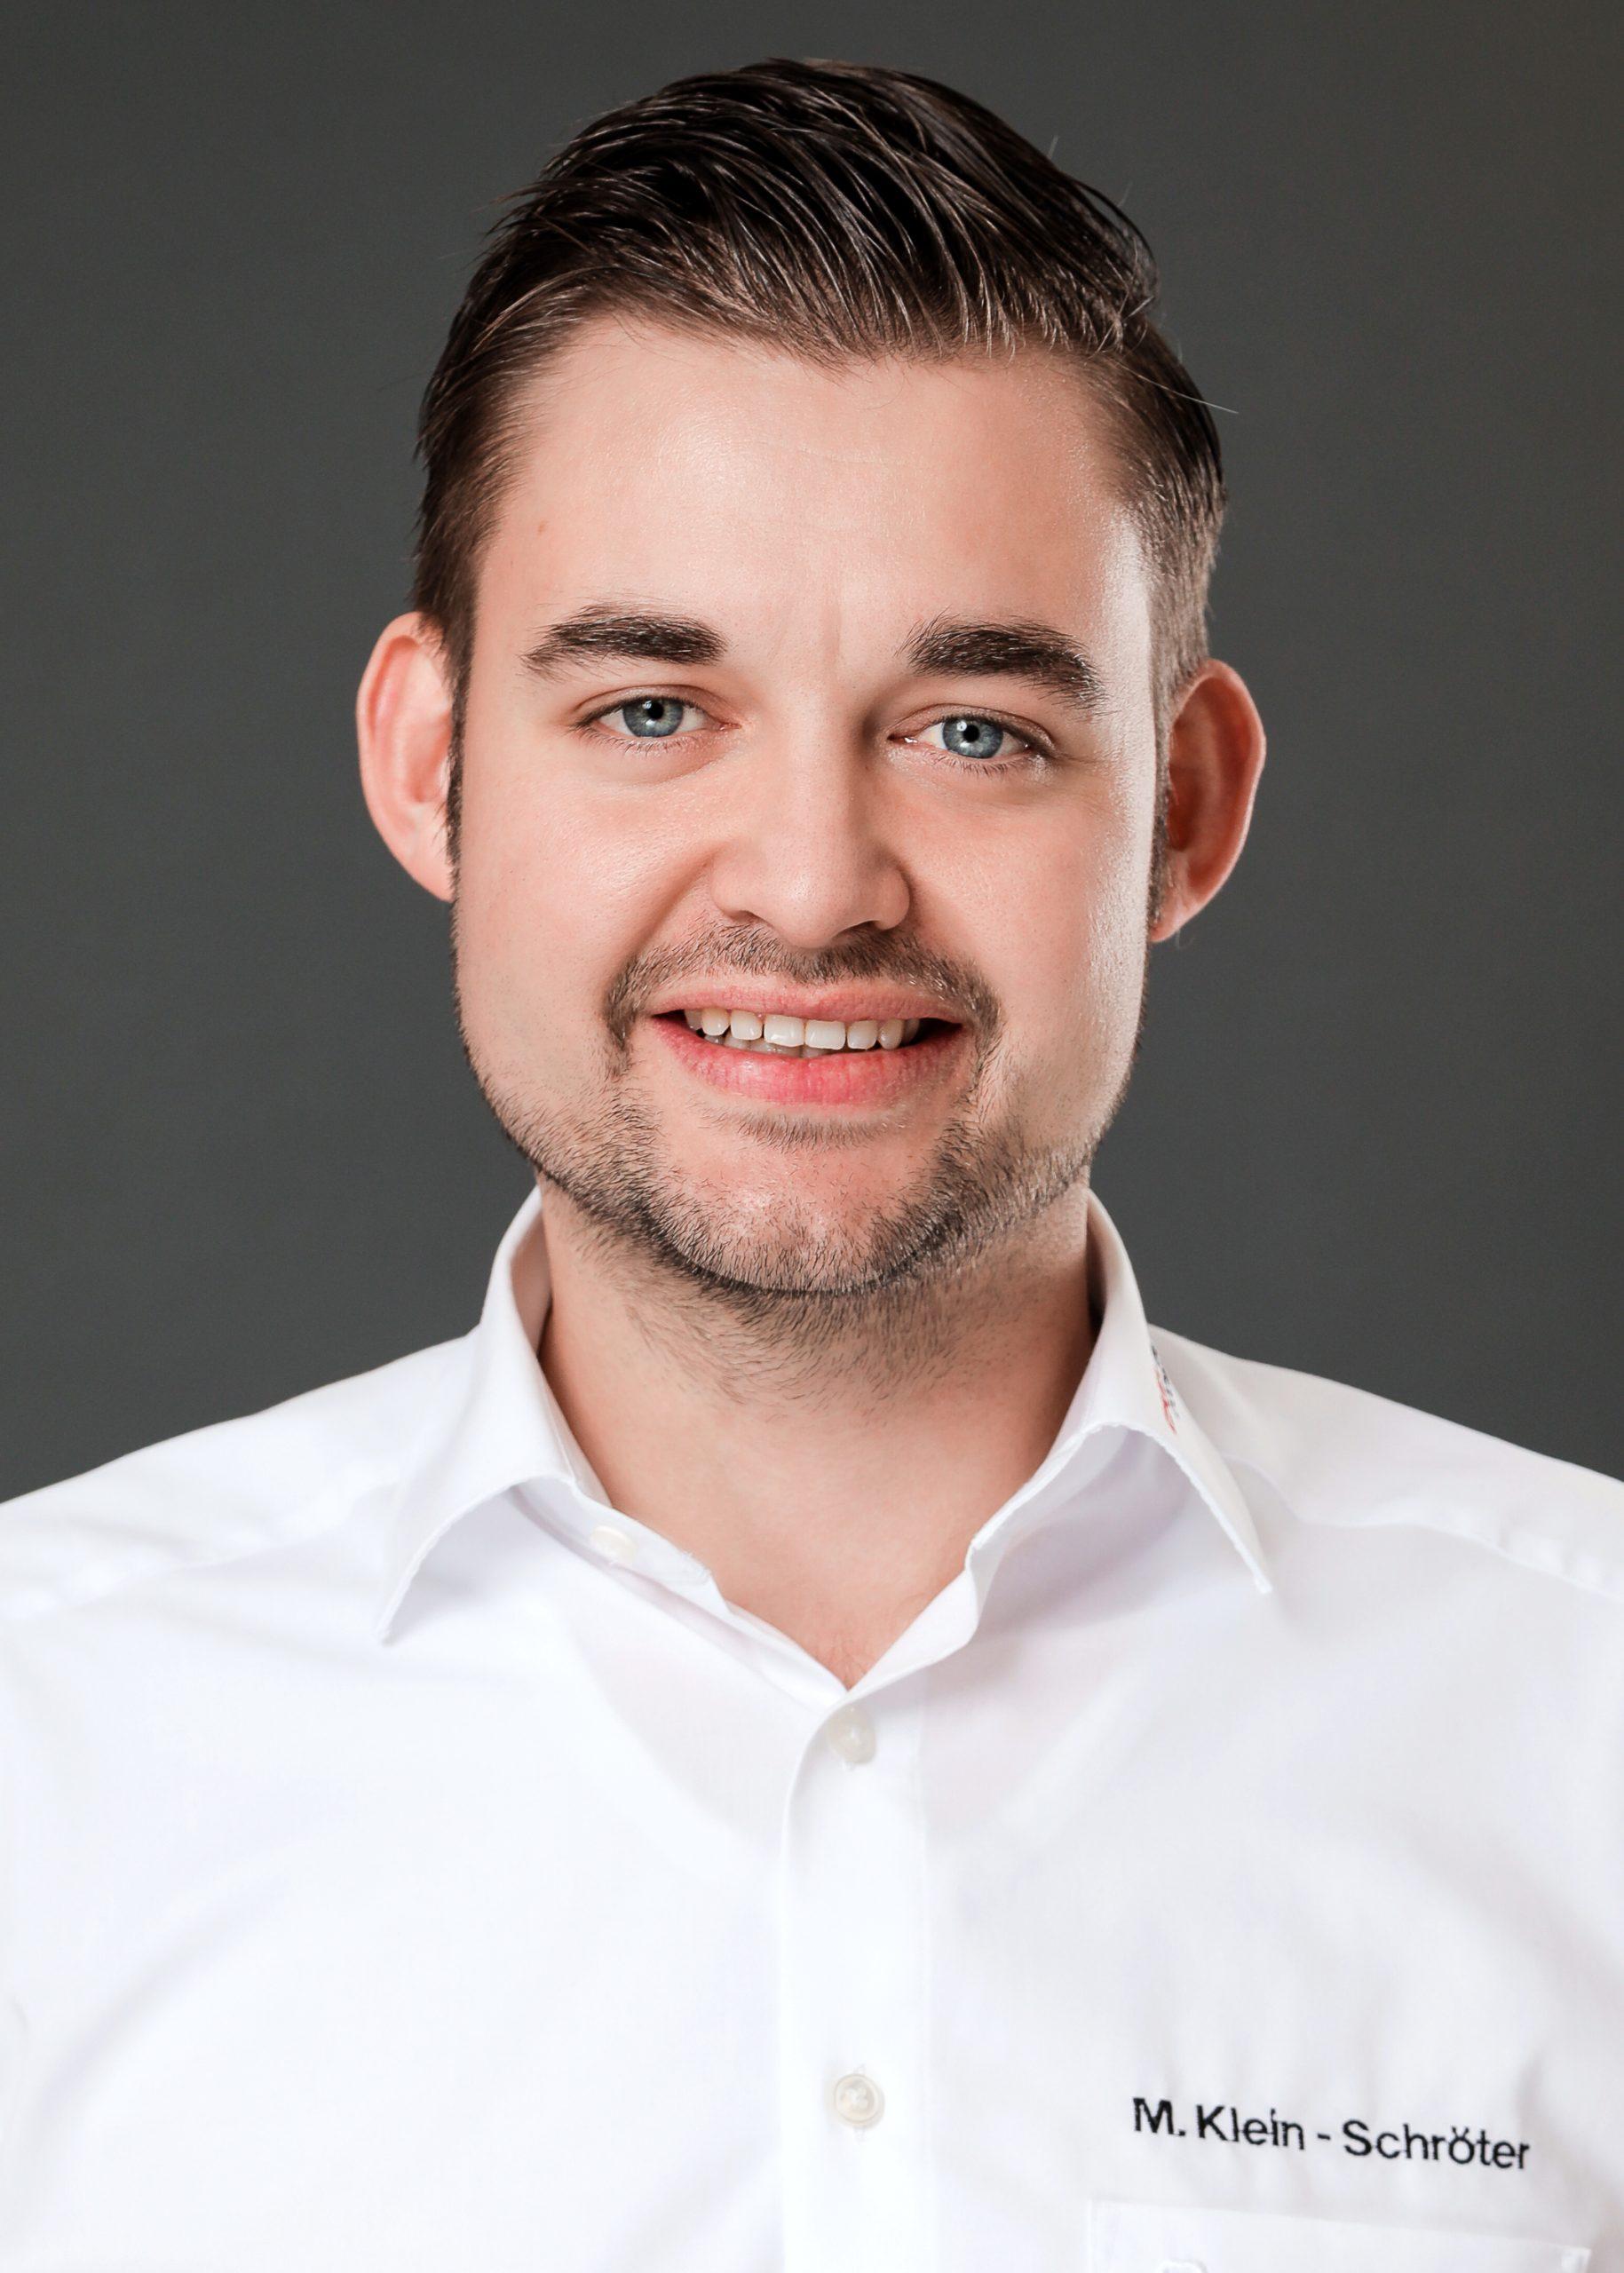 Martin Klein-Schröter